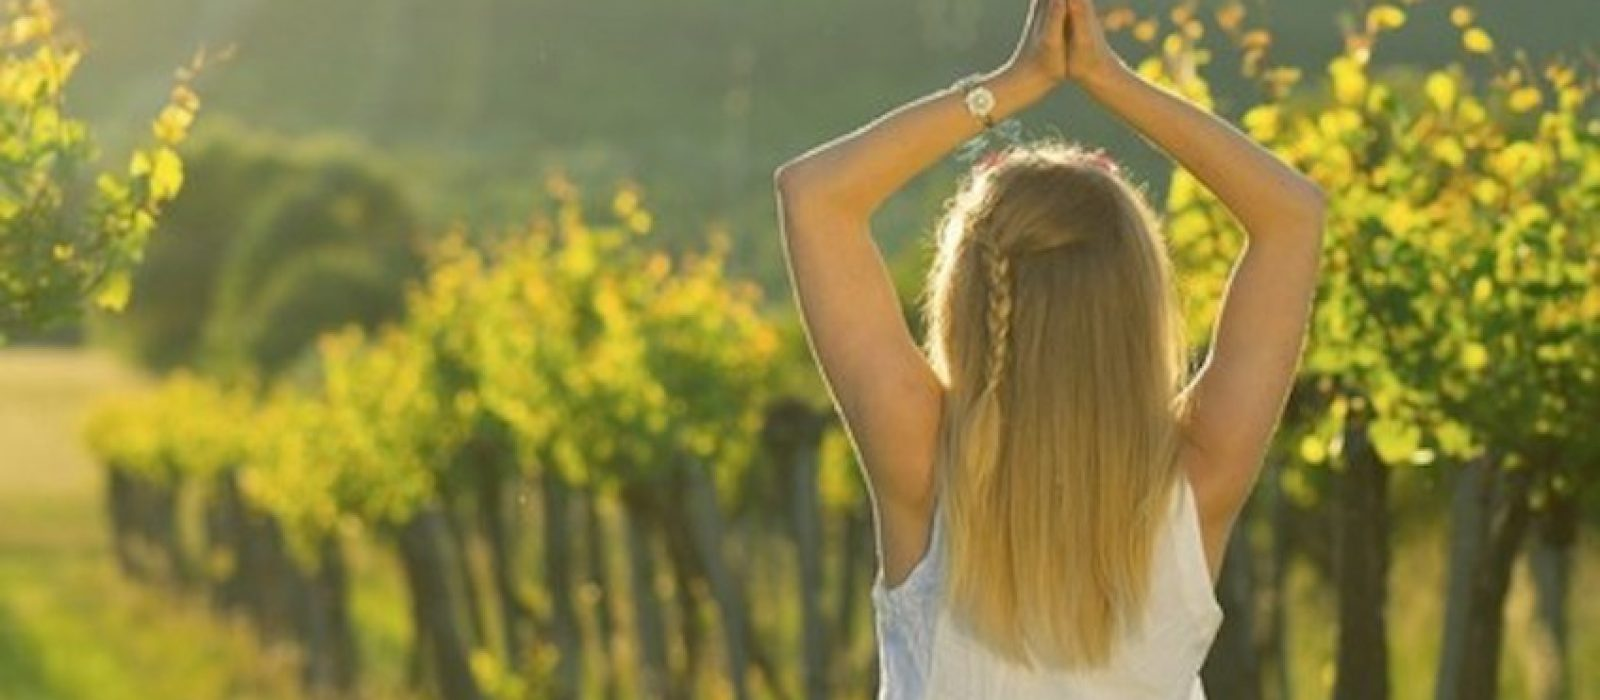 Yoga in Sicilia: gli scenari più originali dove praticarlo